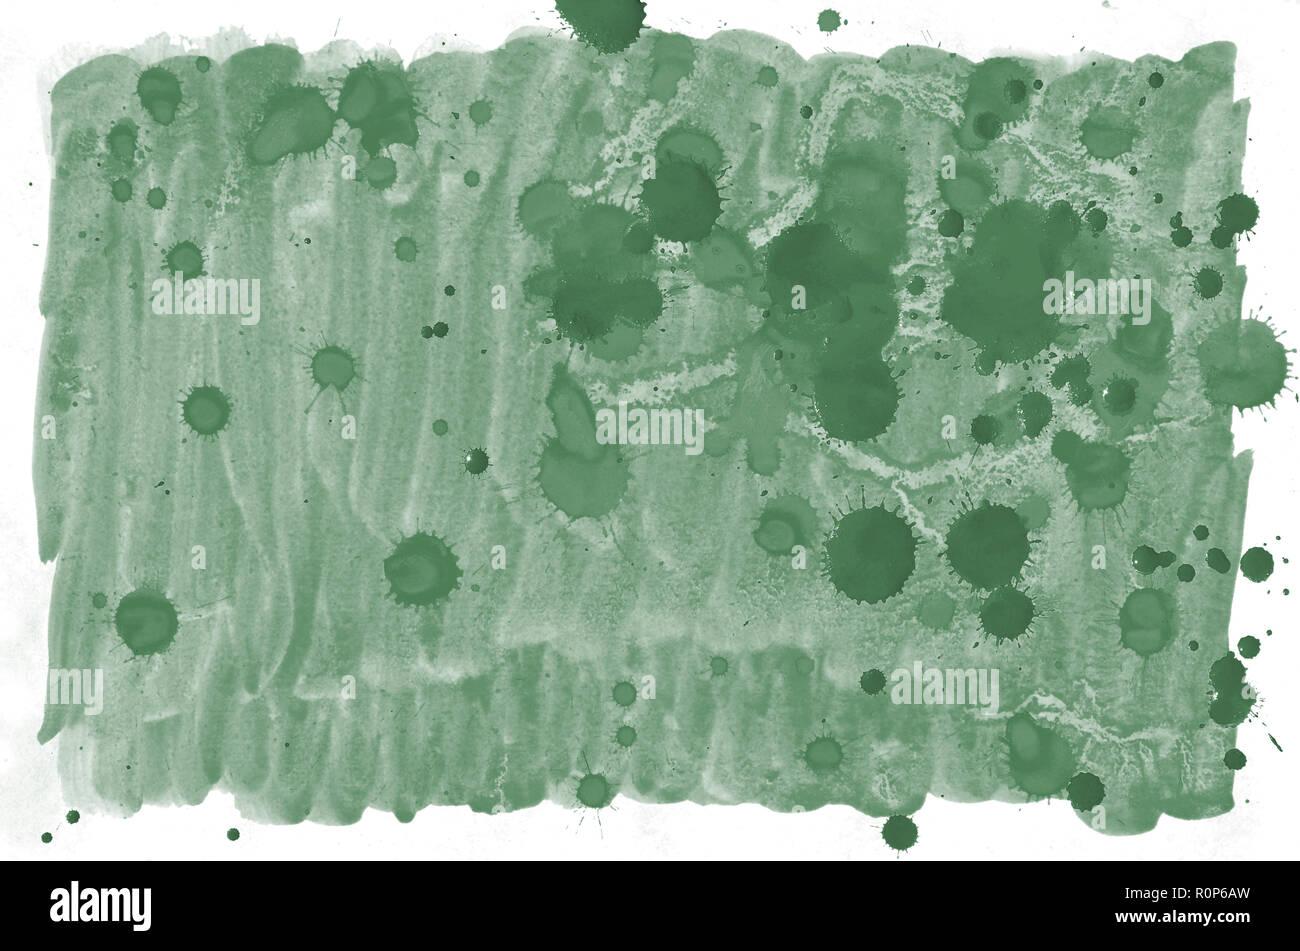 Contexte Aquarelle Vert Fonce Colore Pour Papier Peint Illustration